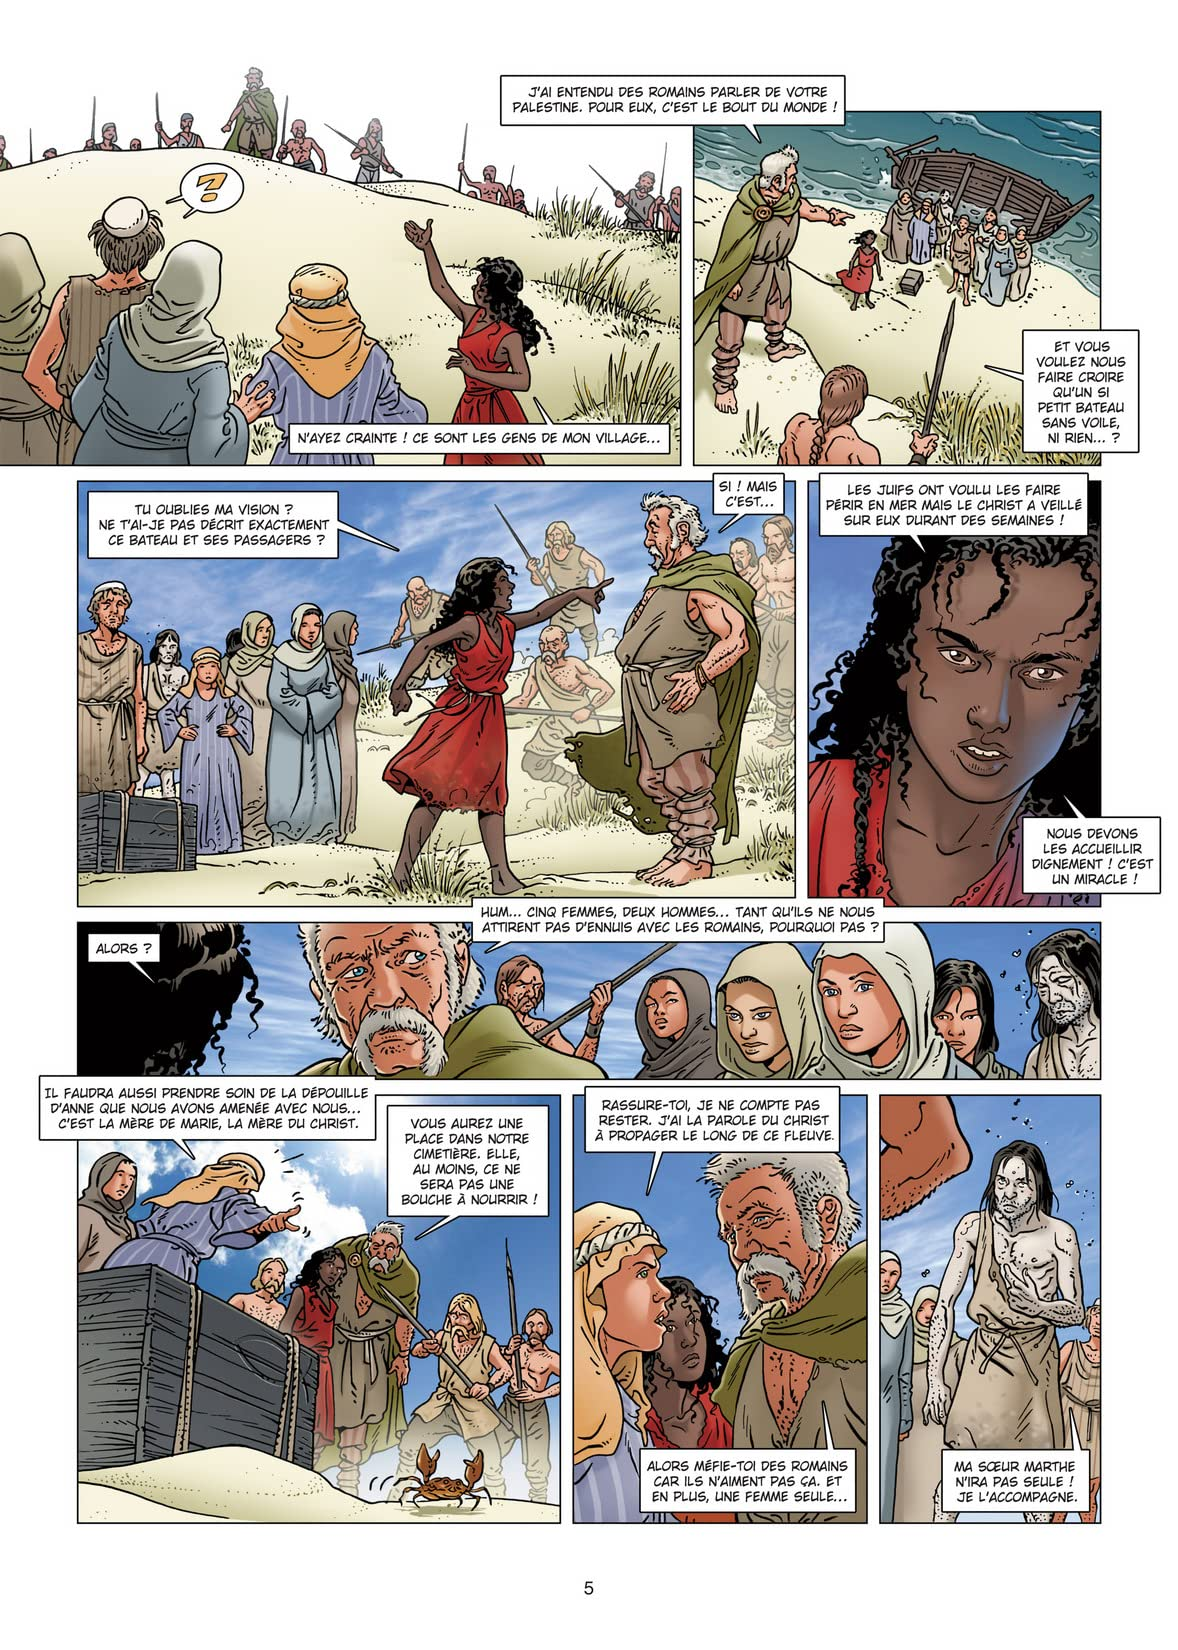 Contes et légendes des régions de France Vol. 1: Provence